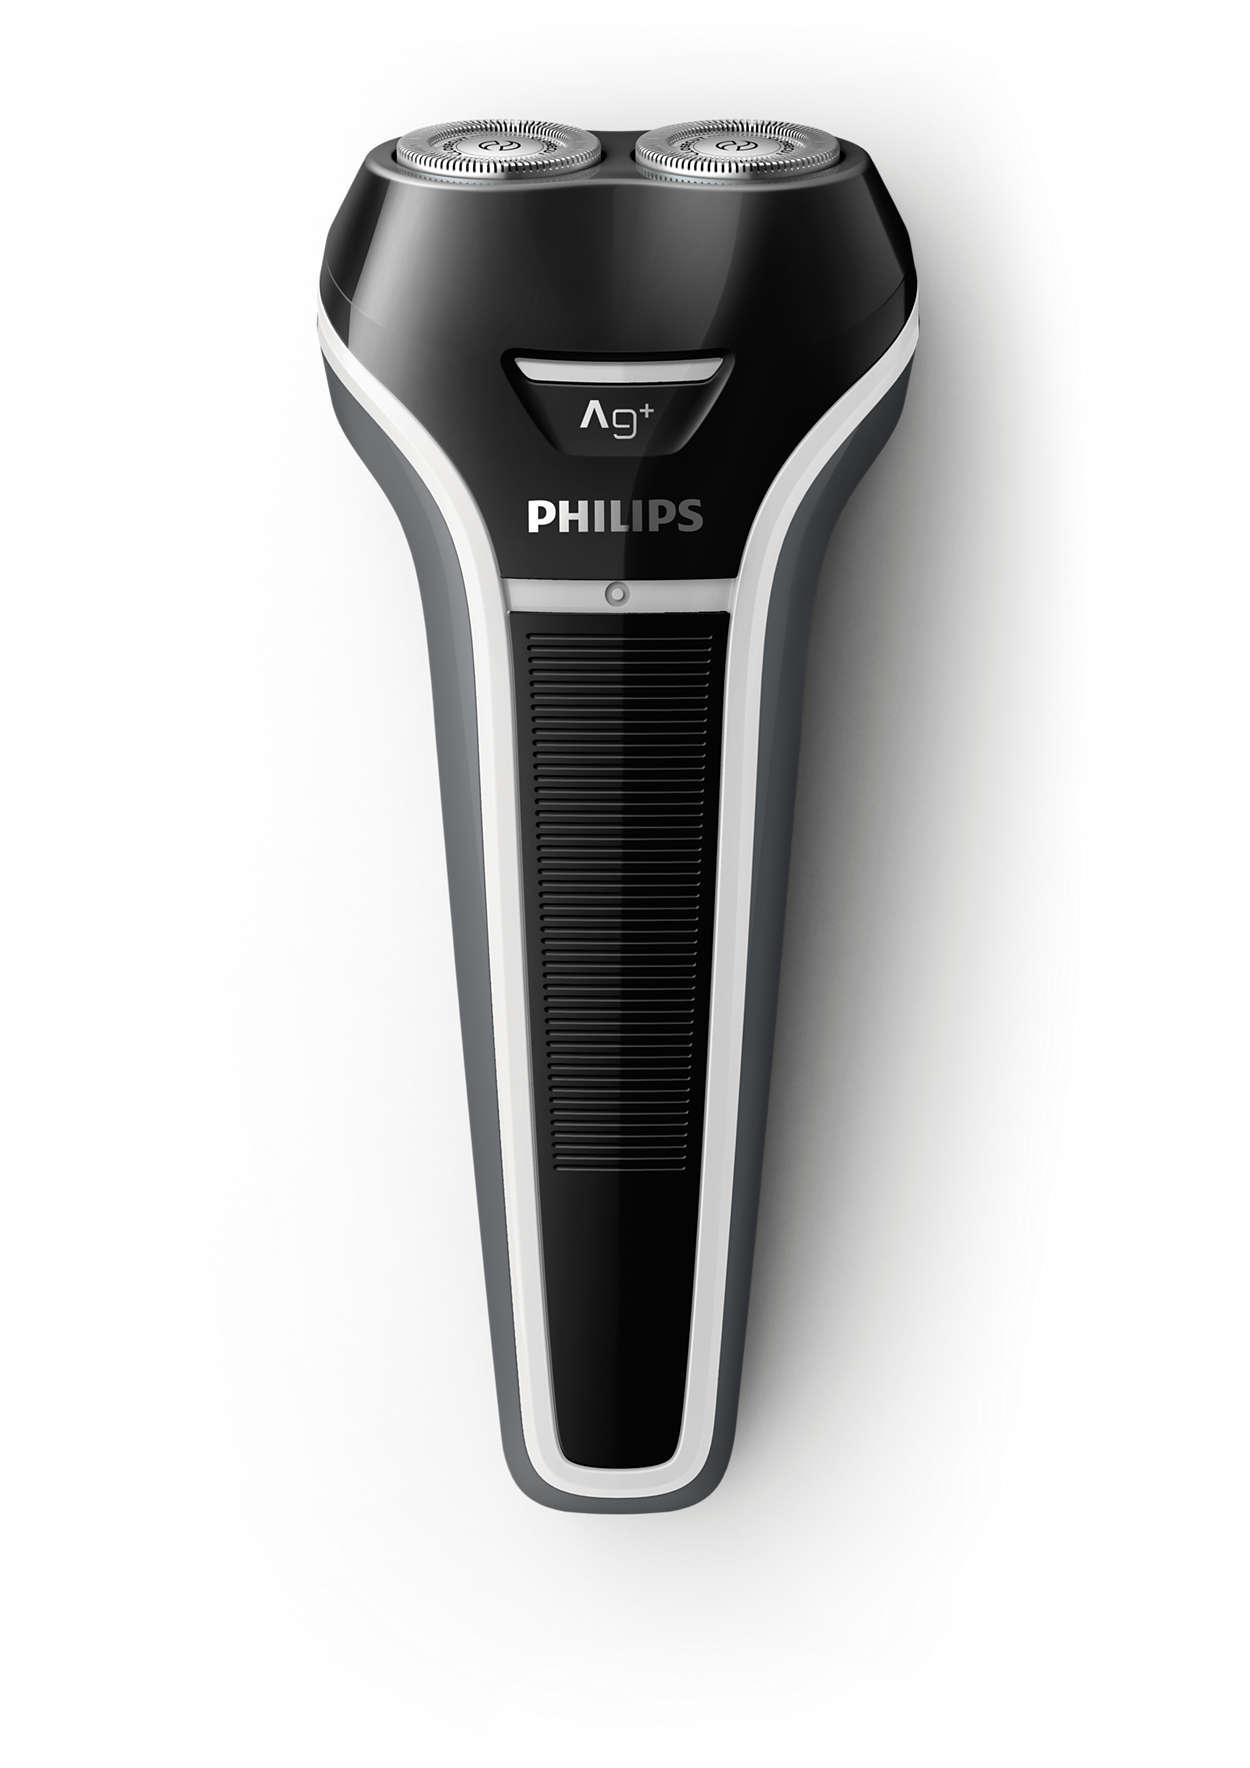 乾淨便利的刮鬍體驗